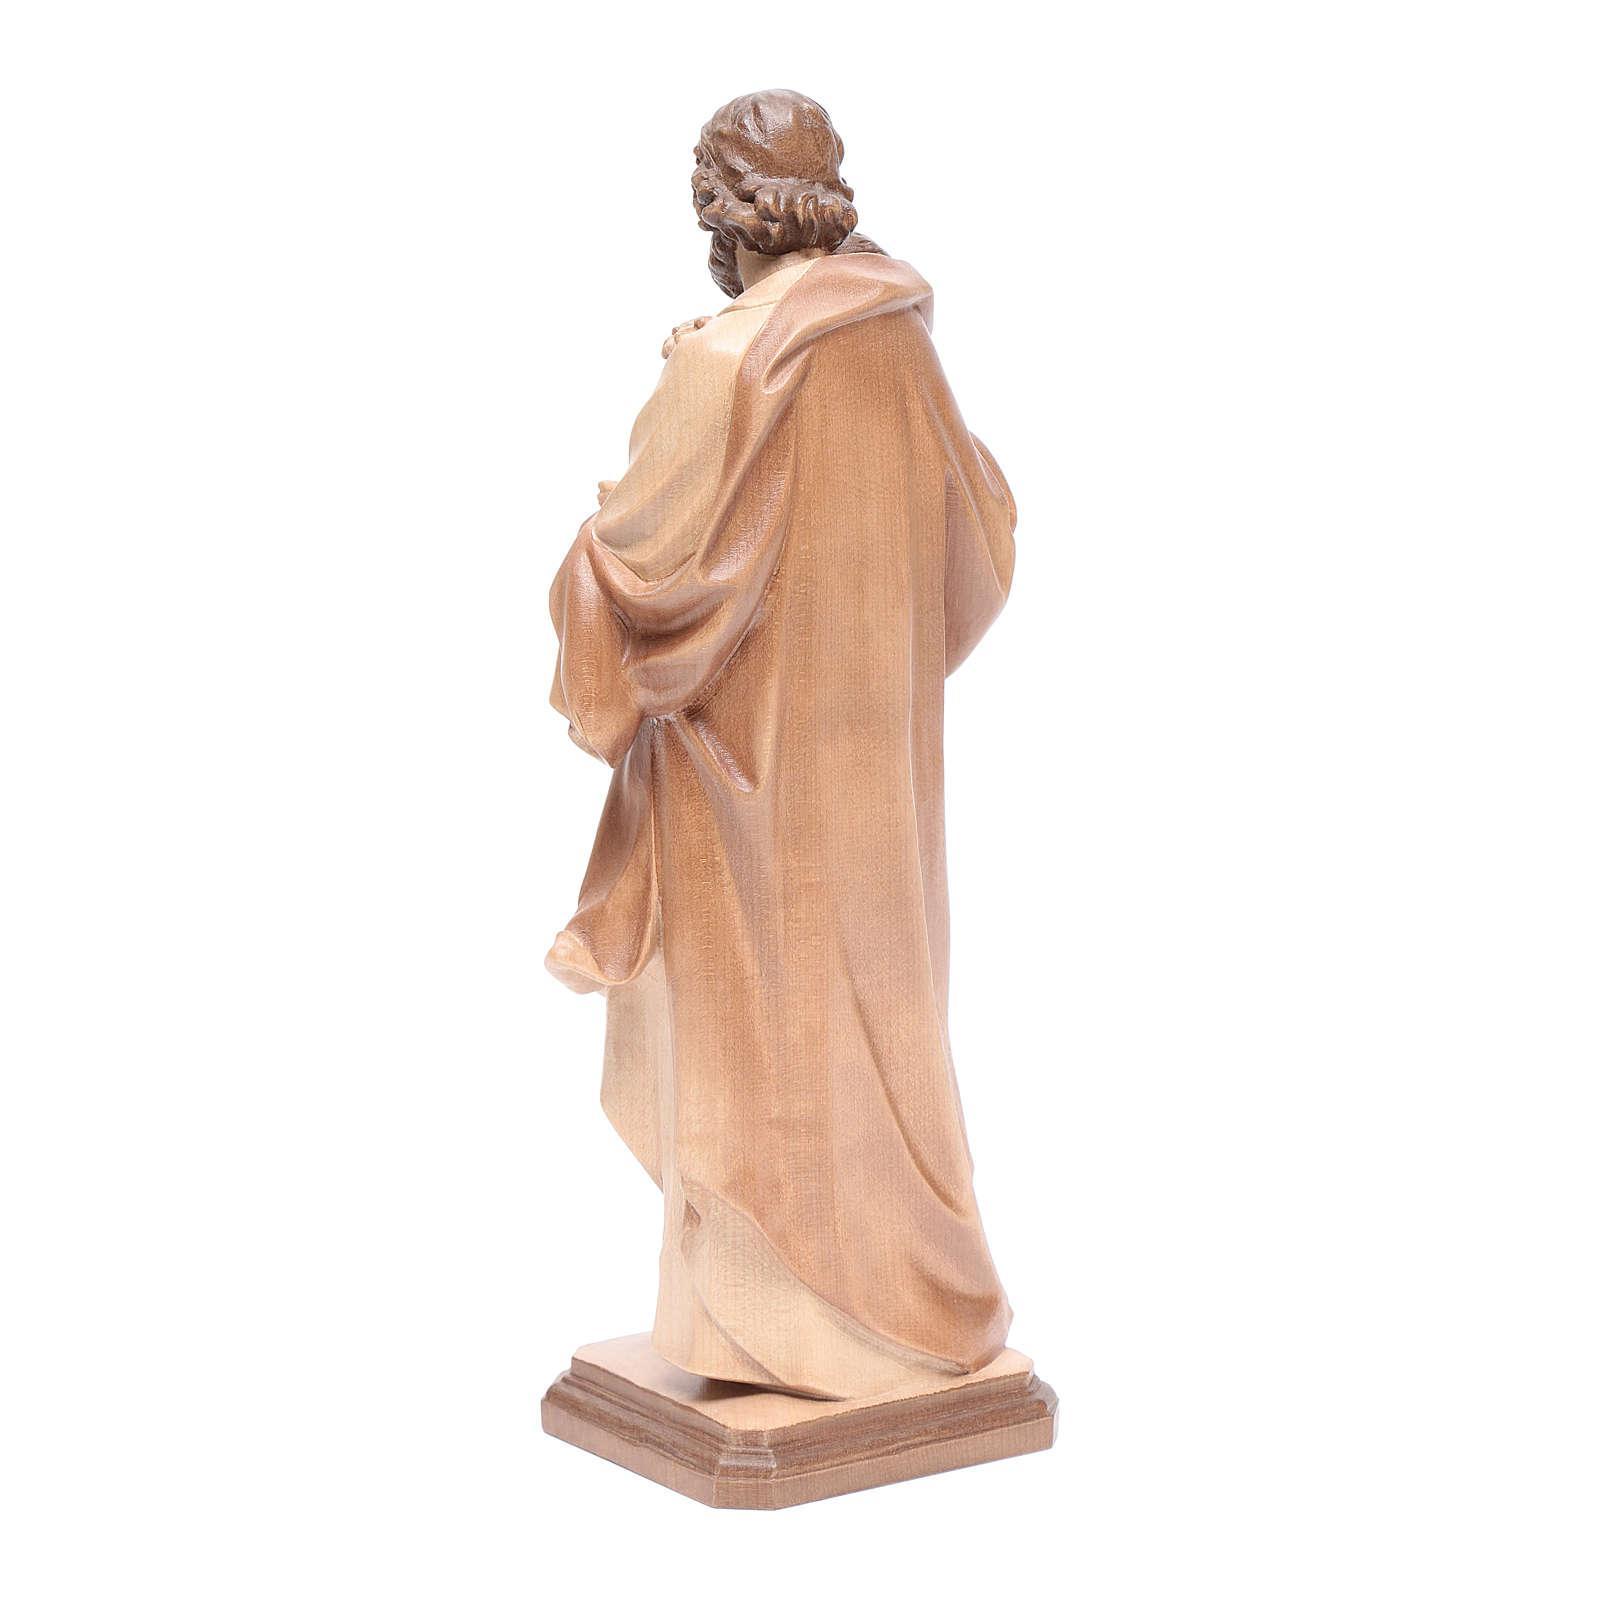 São José de Guido Reni madeira Val Gardena pátina múltipla 4